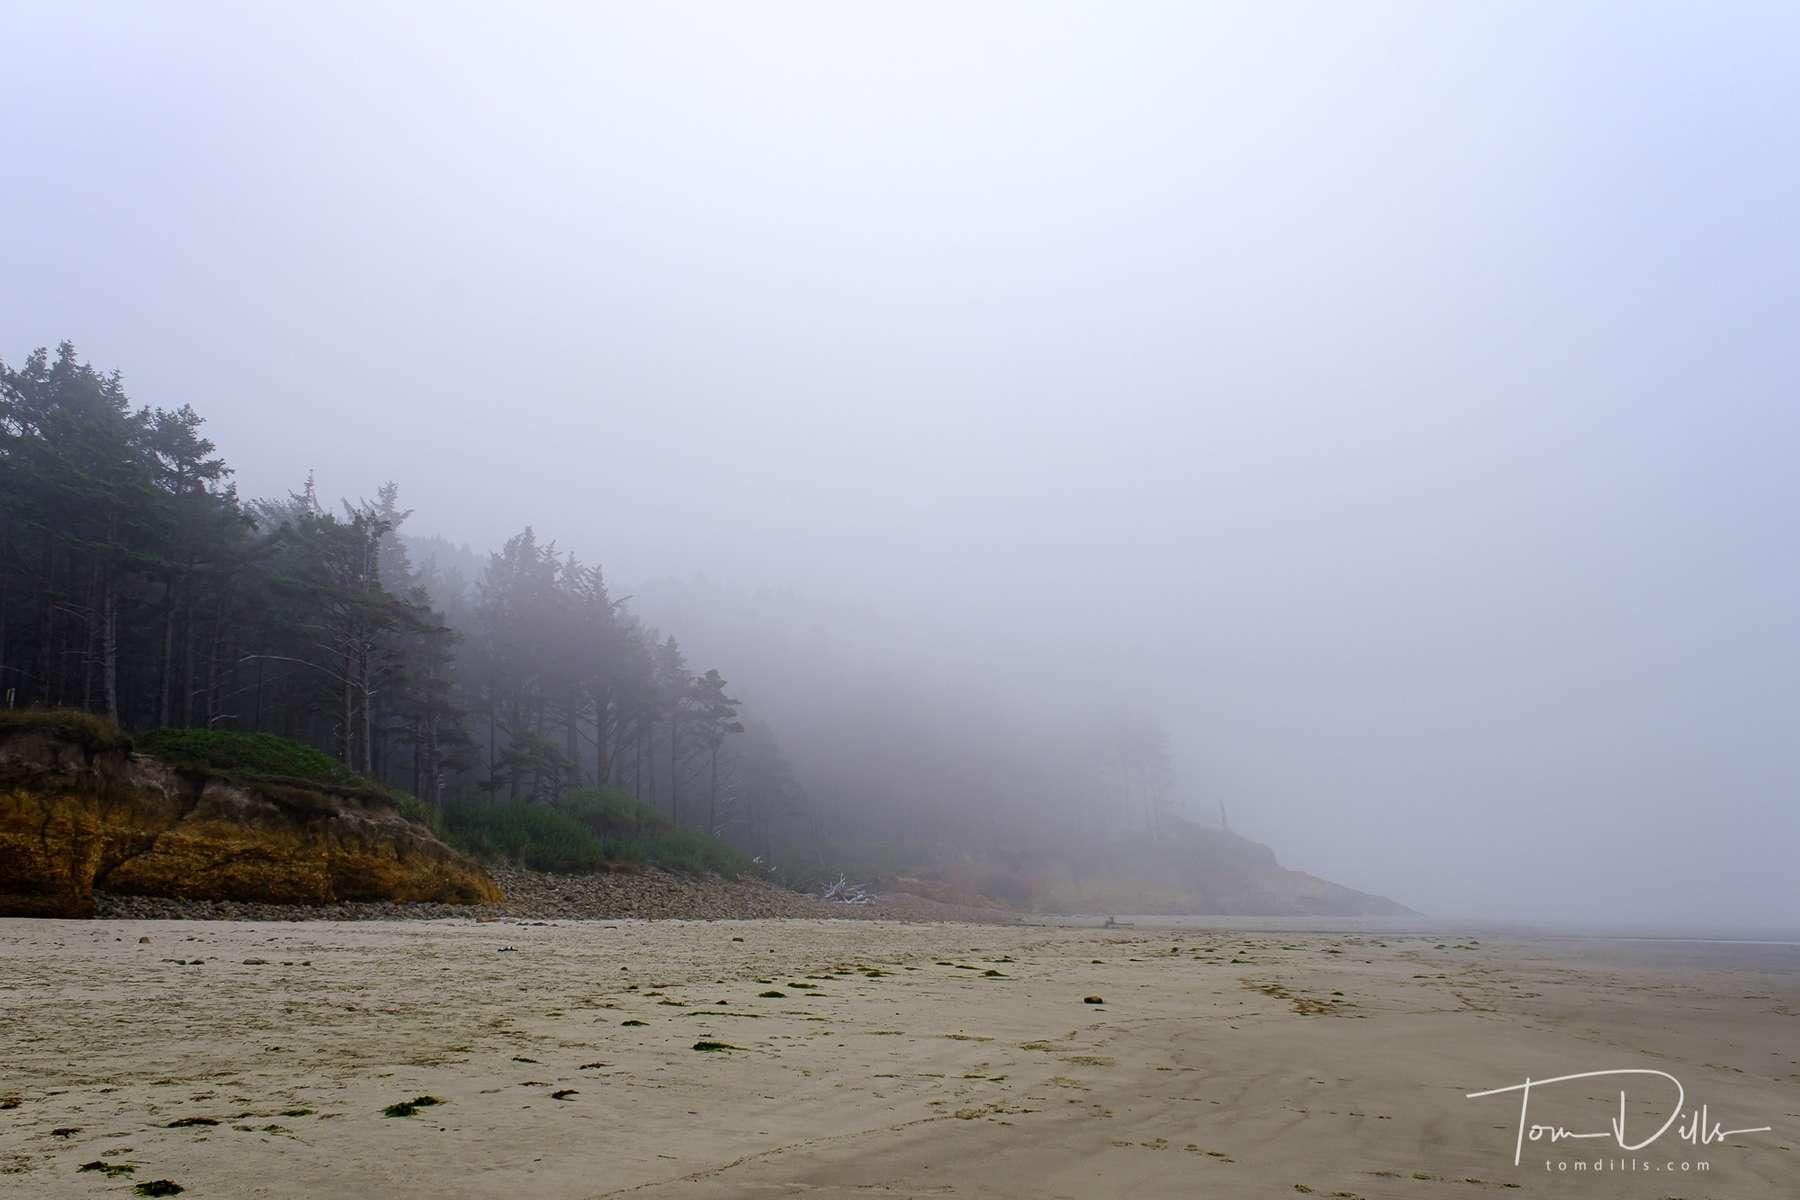 Cape Lookout State Park near Tillamook, Oregon